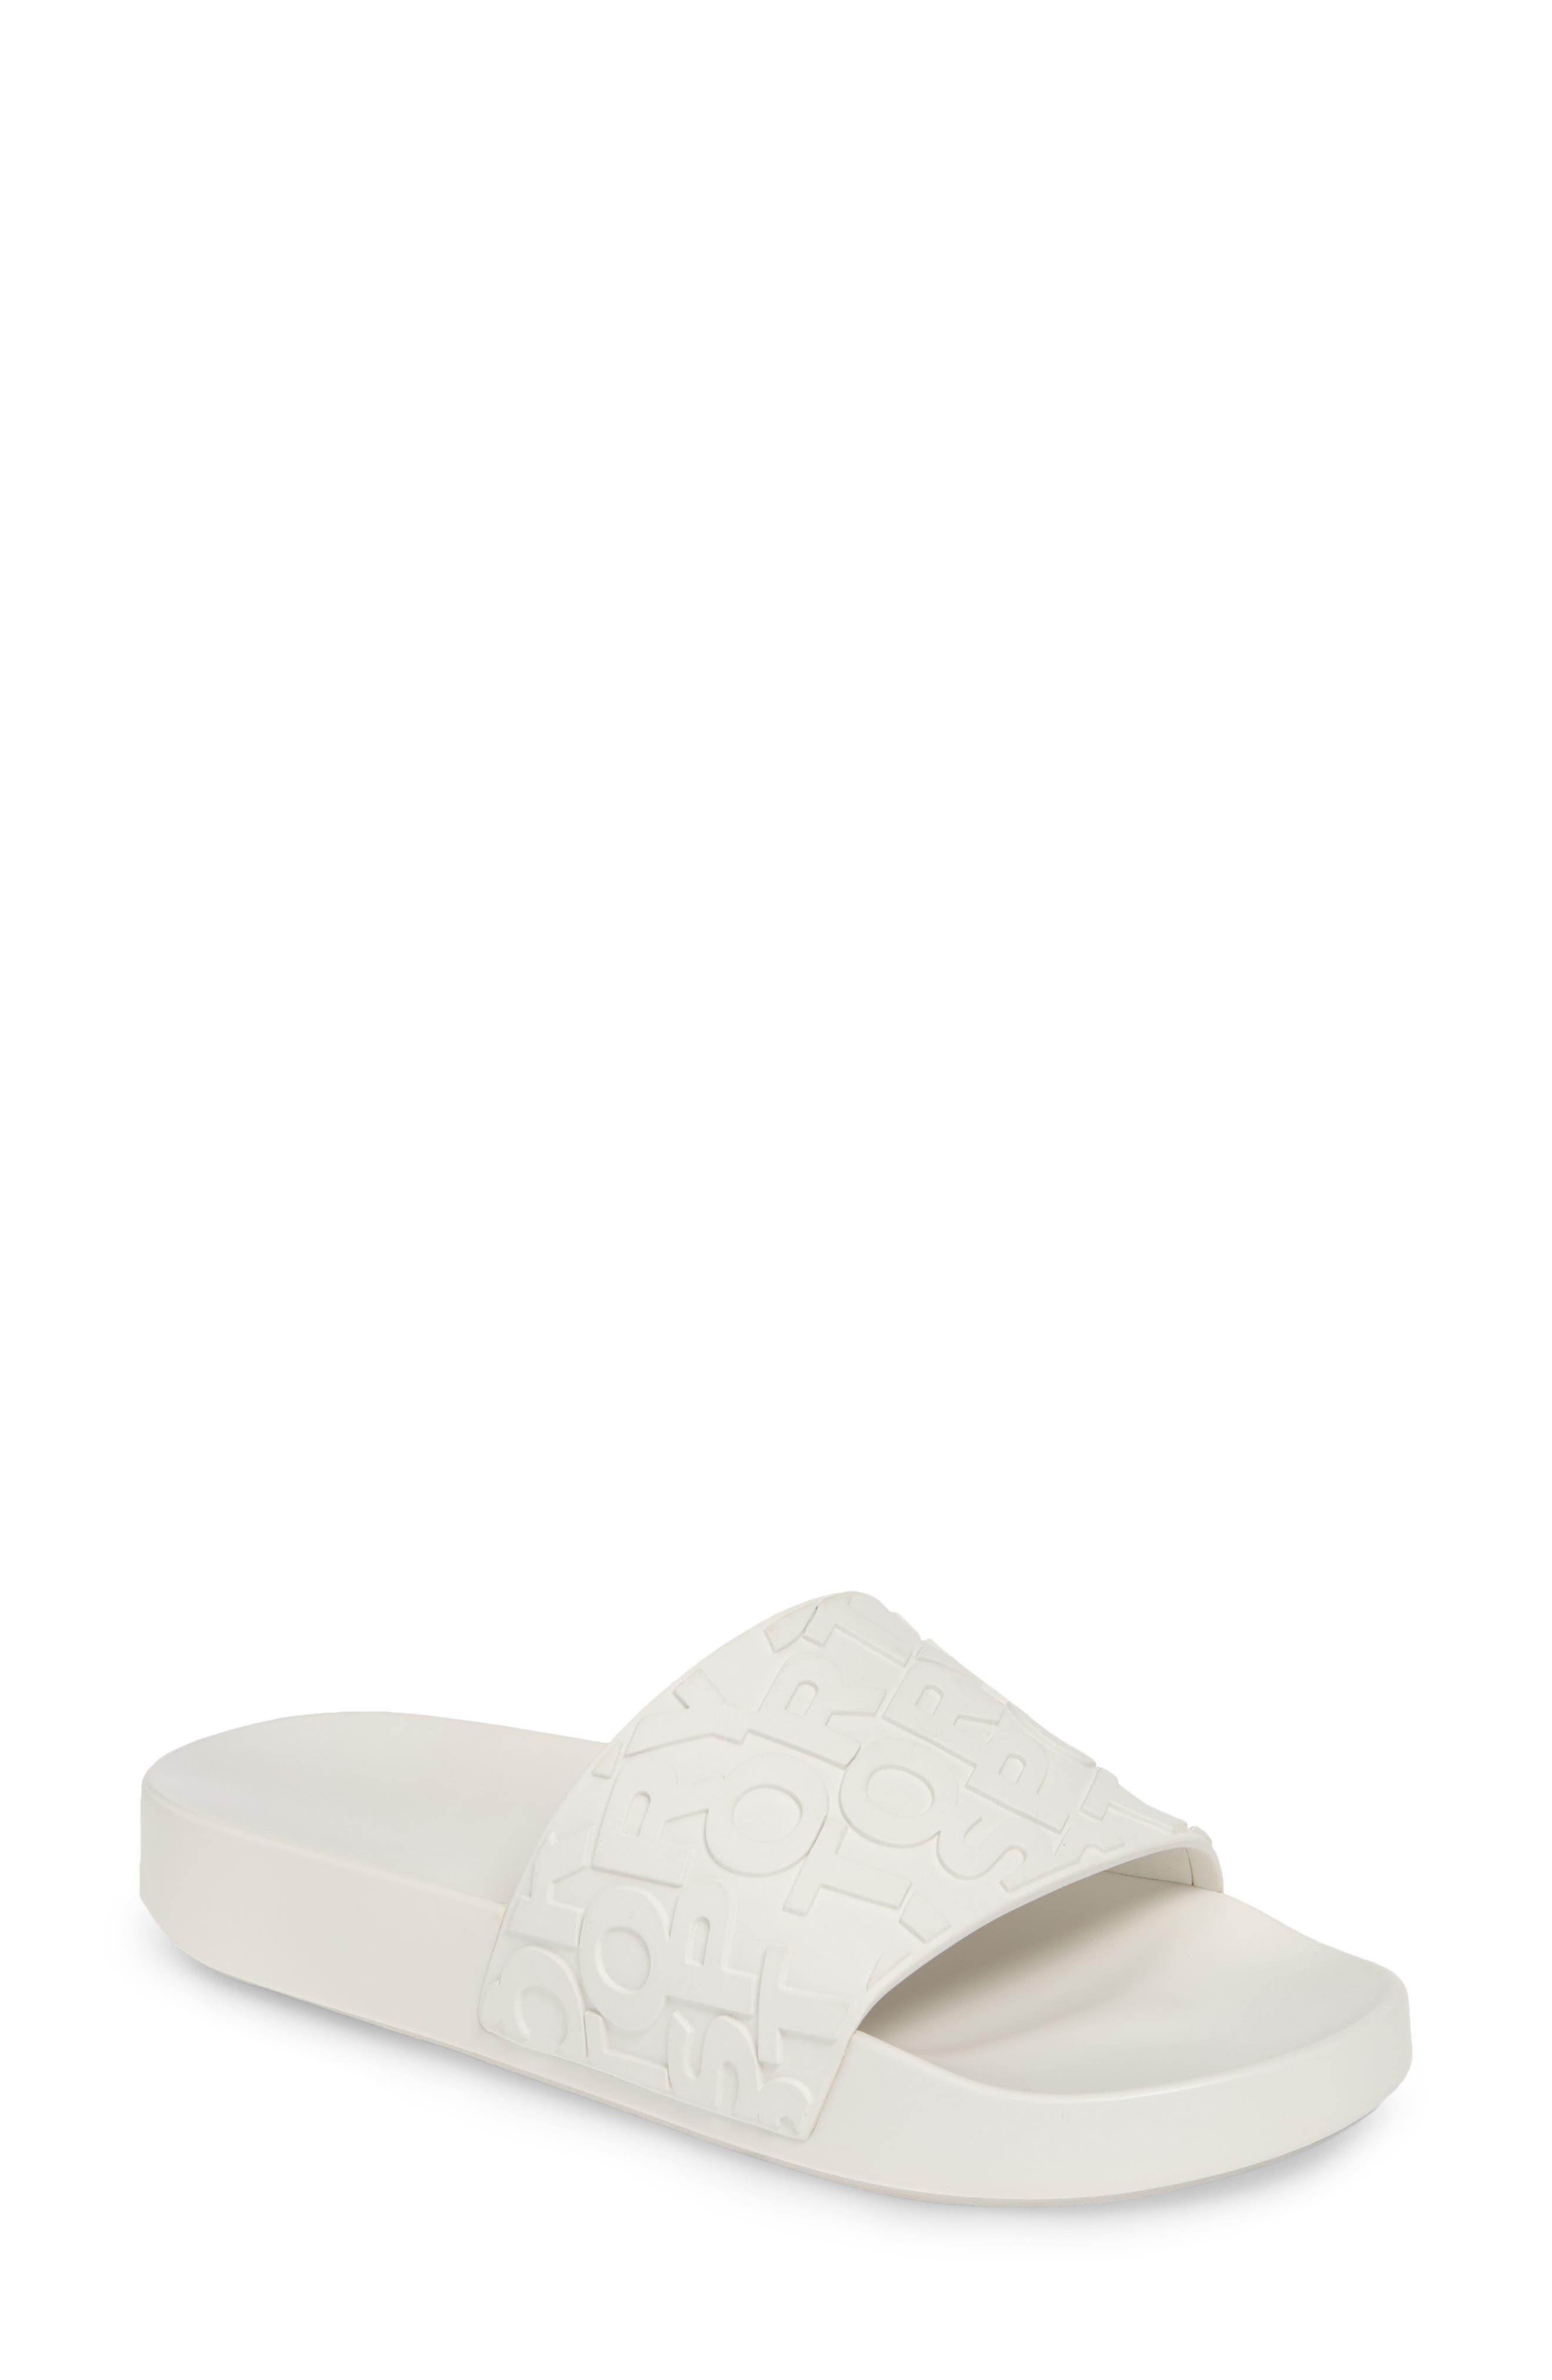 Tory Burch Embossed Logo Slide Sandal, Main, color, OFF WHITE